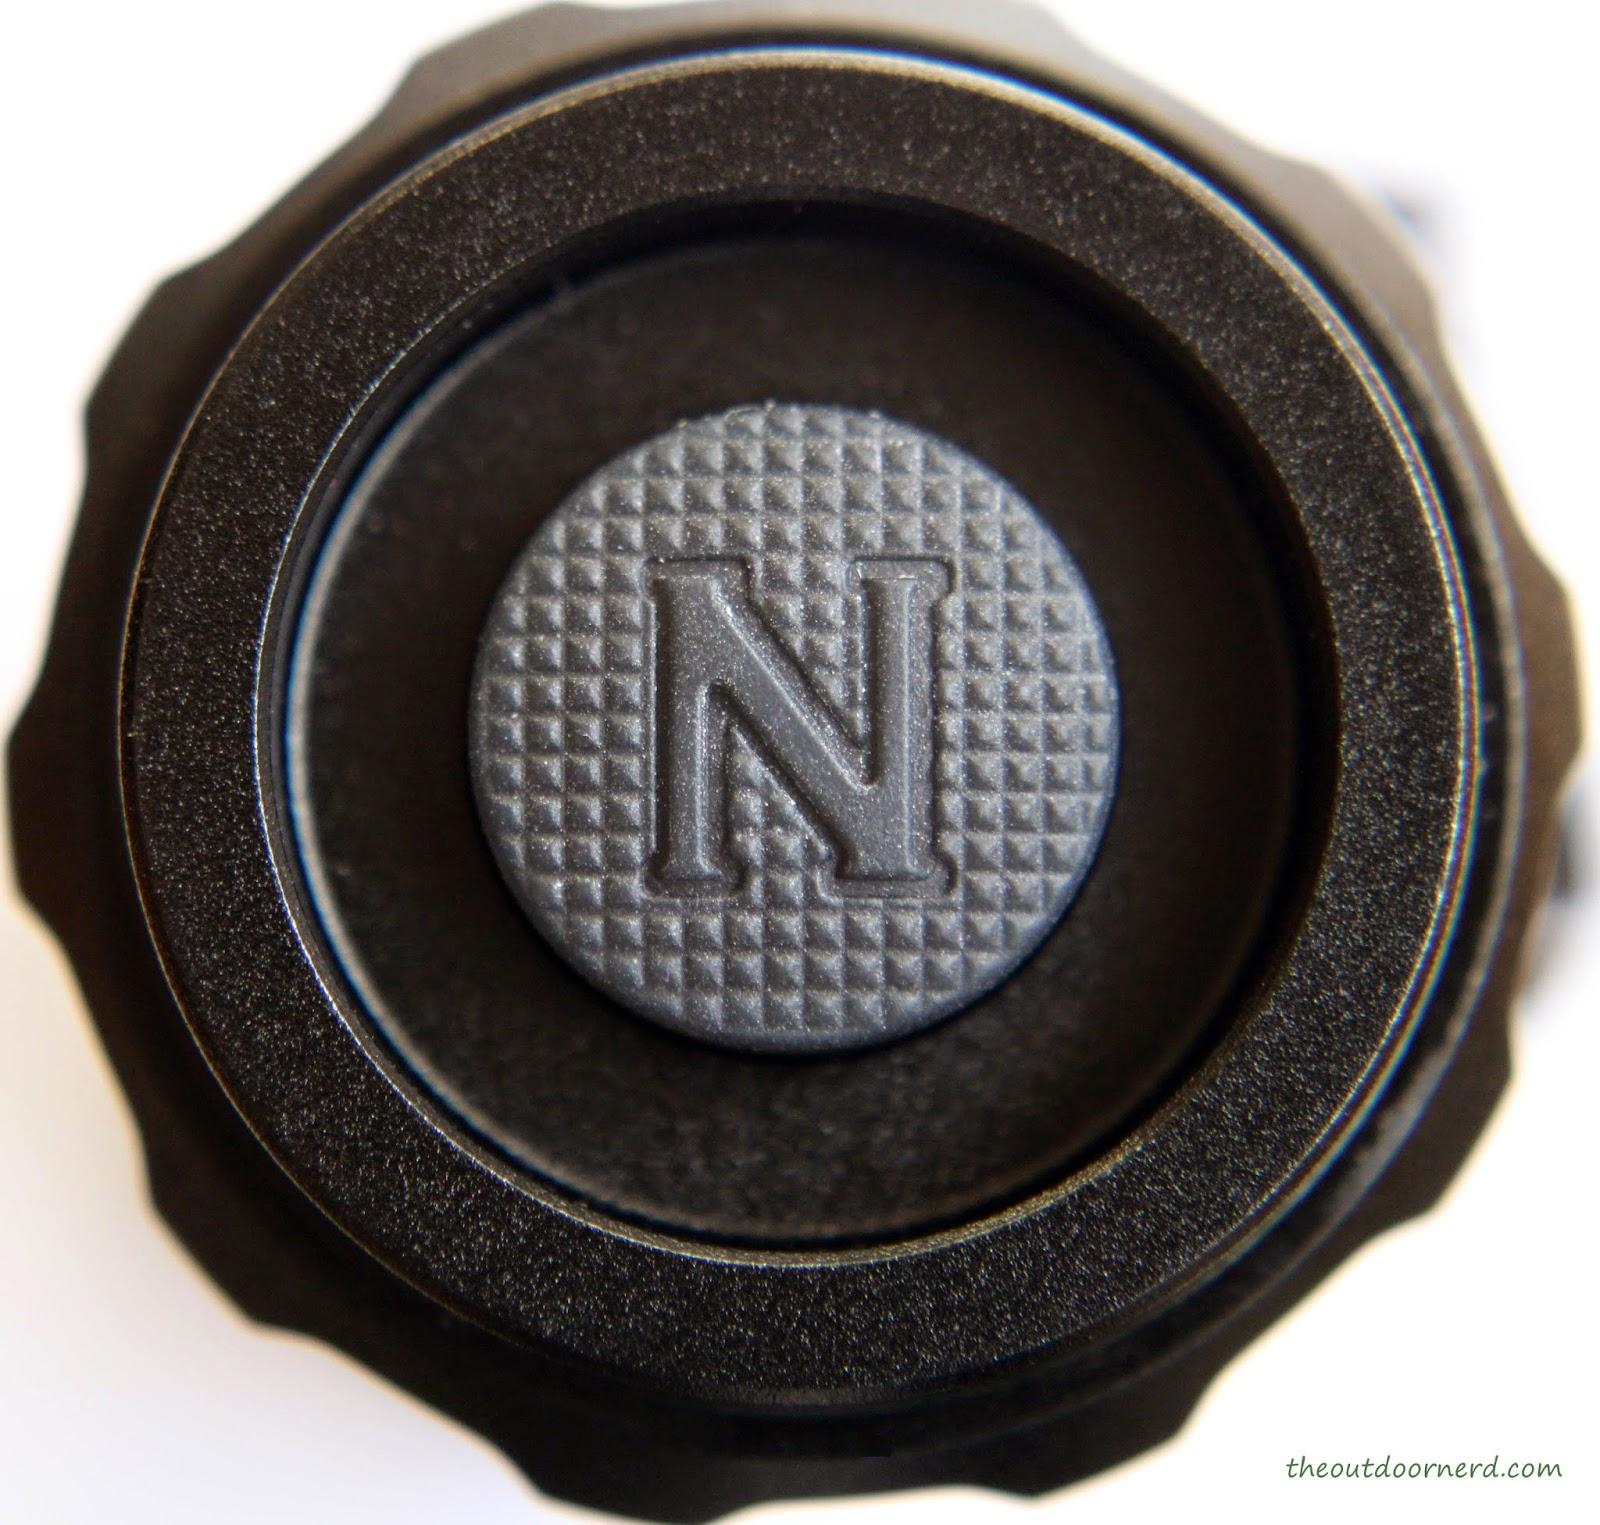 Nitecore HC50 Headlamp Button Un-Lit